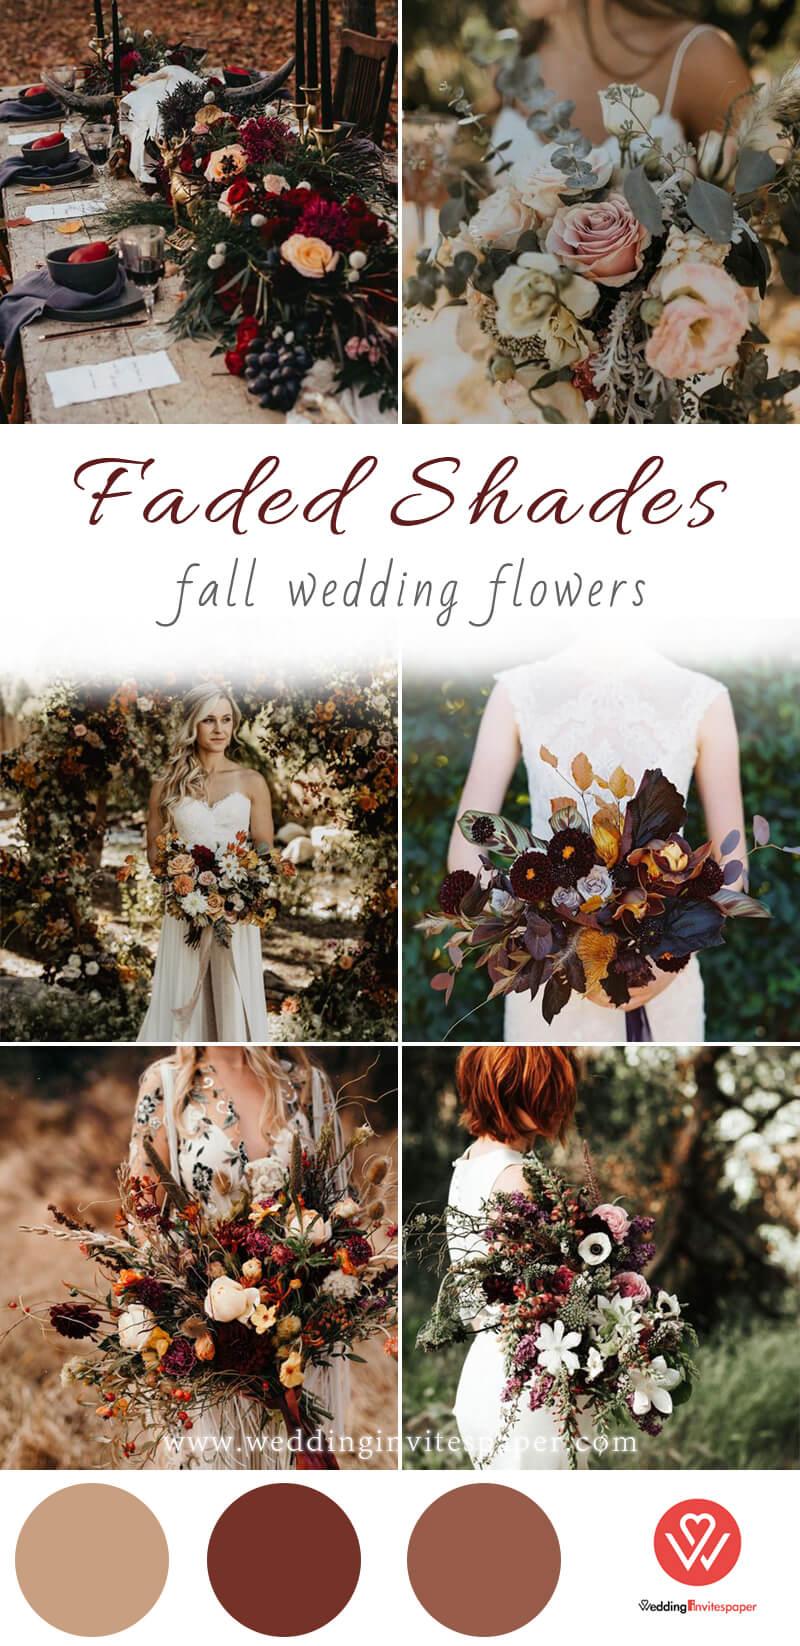 7. Faded Shades fall wedding flowers.jpg